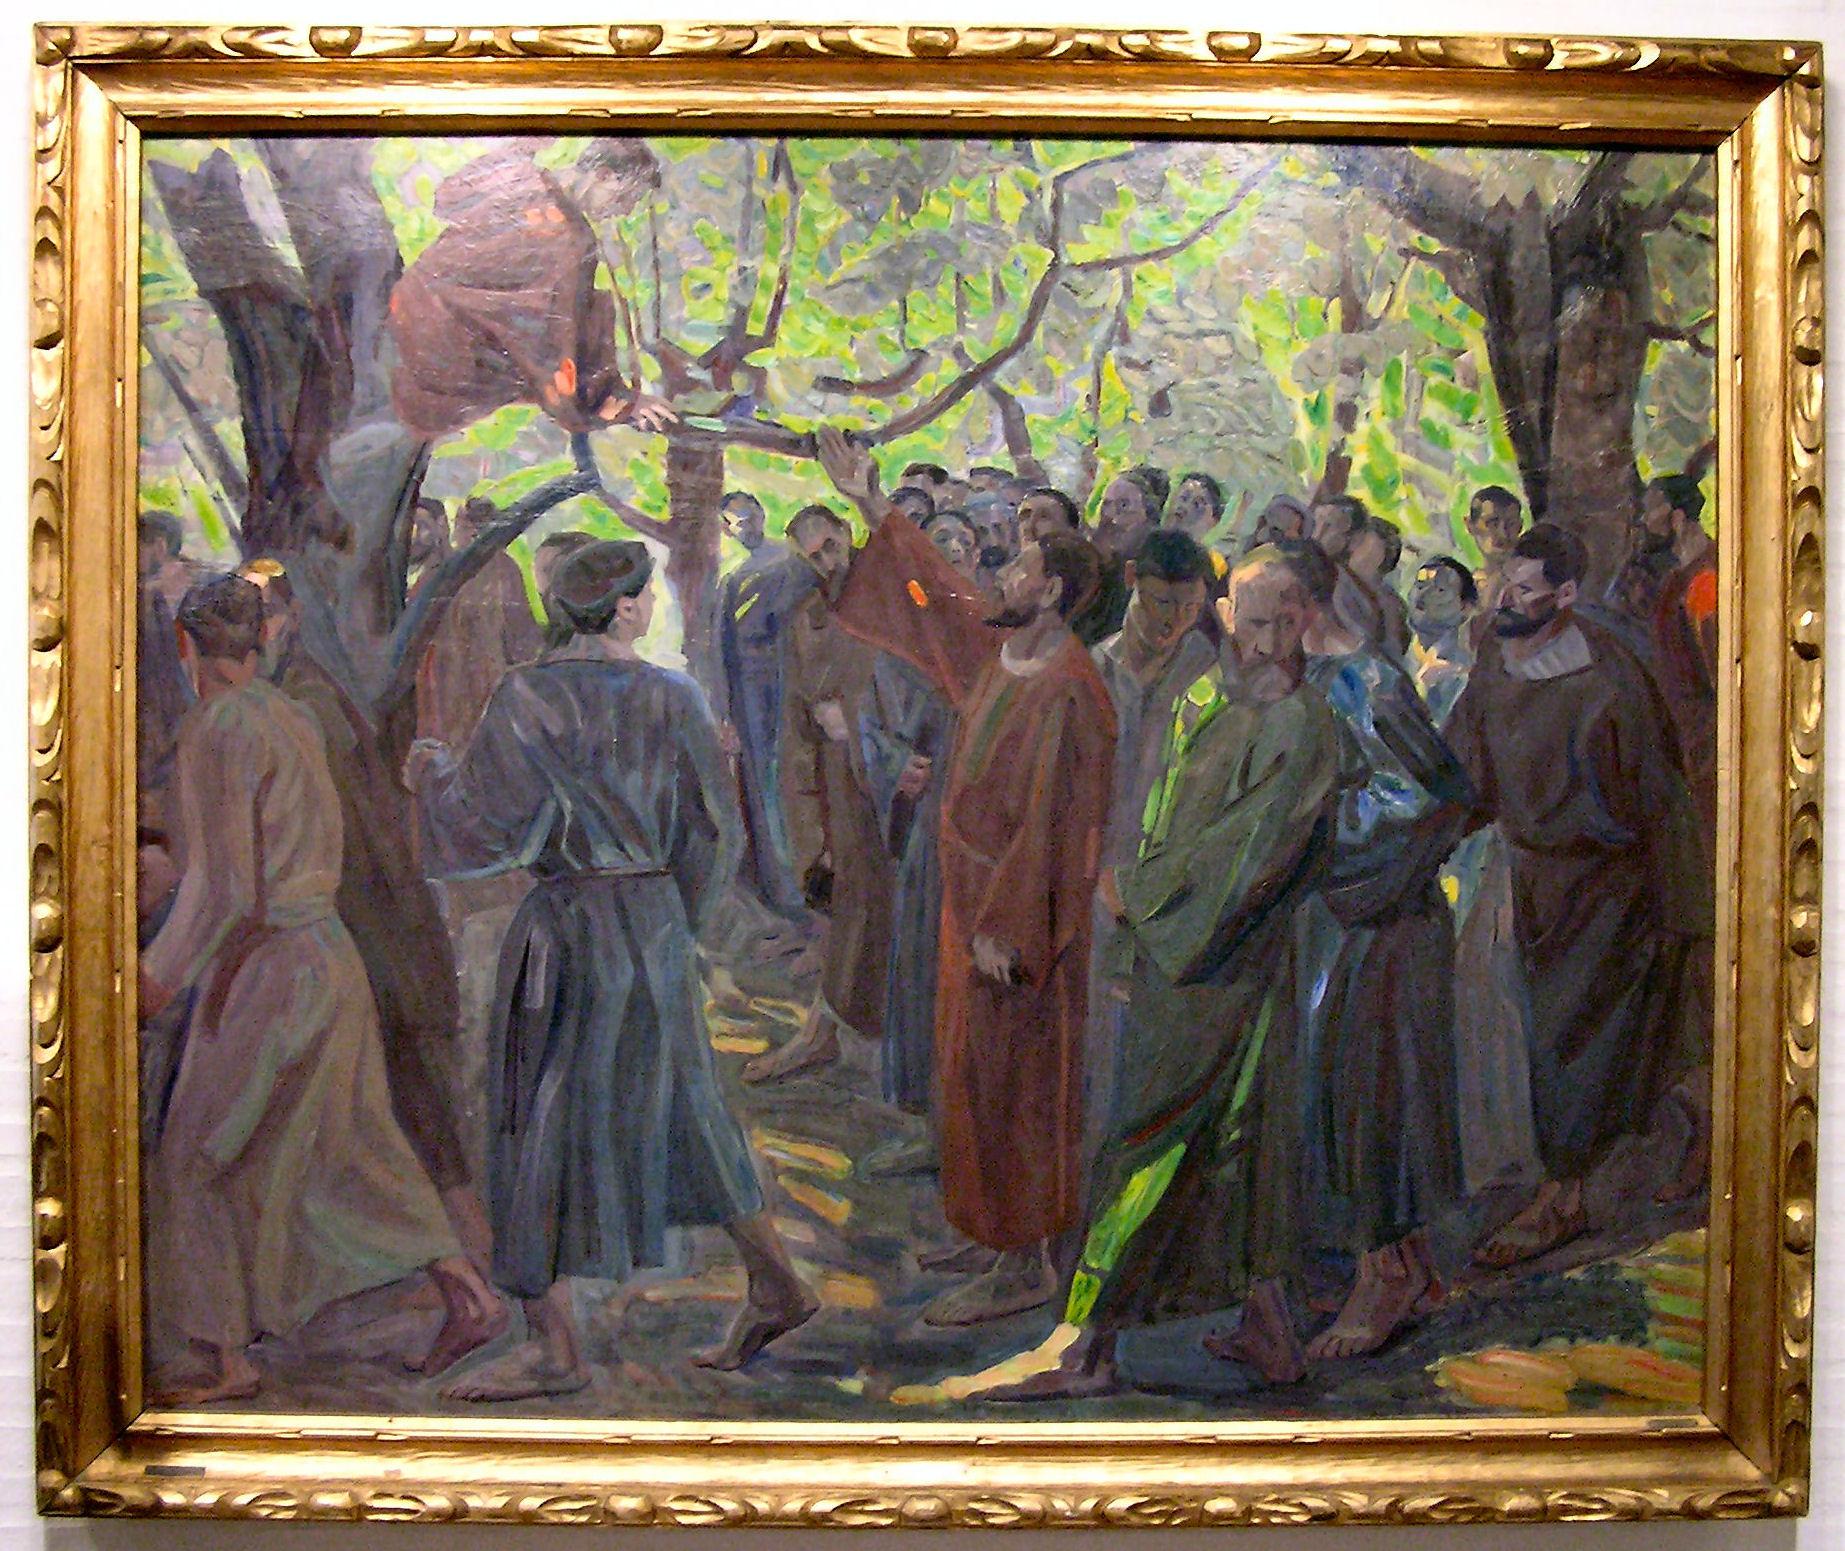 Jésus invite Zachée à descendre du sycomore (œuvre de Niels Larsen Stevns)